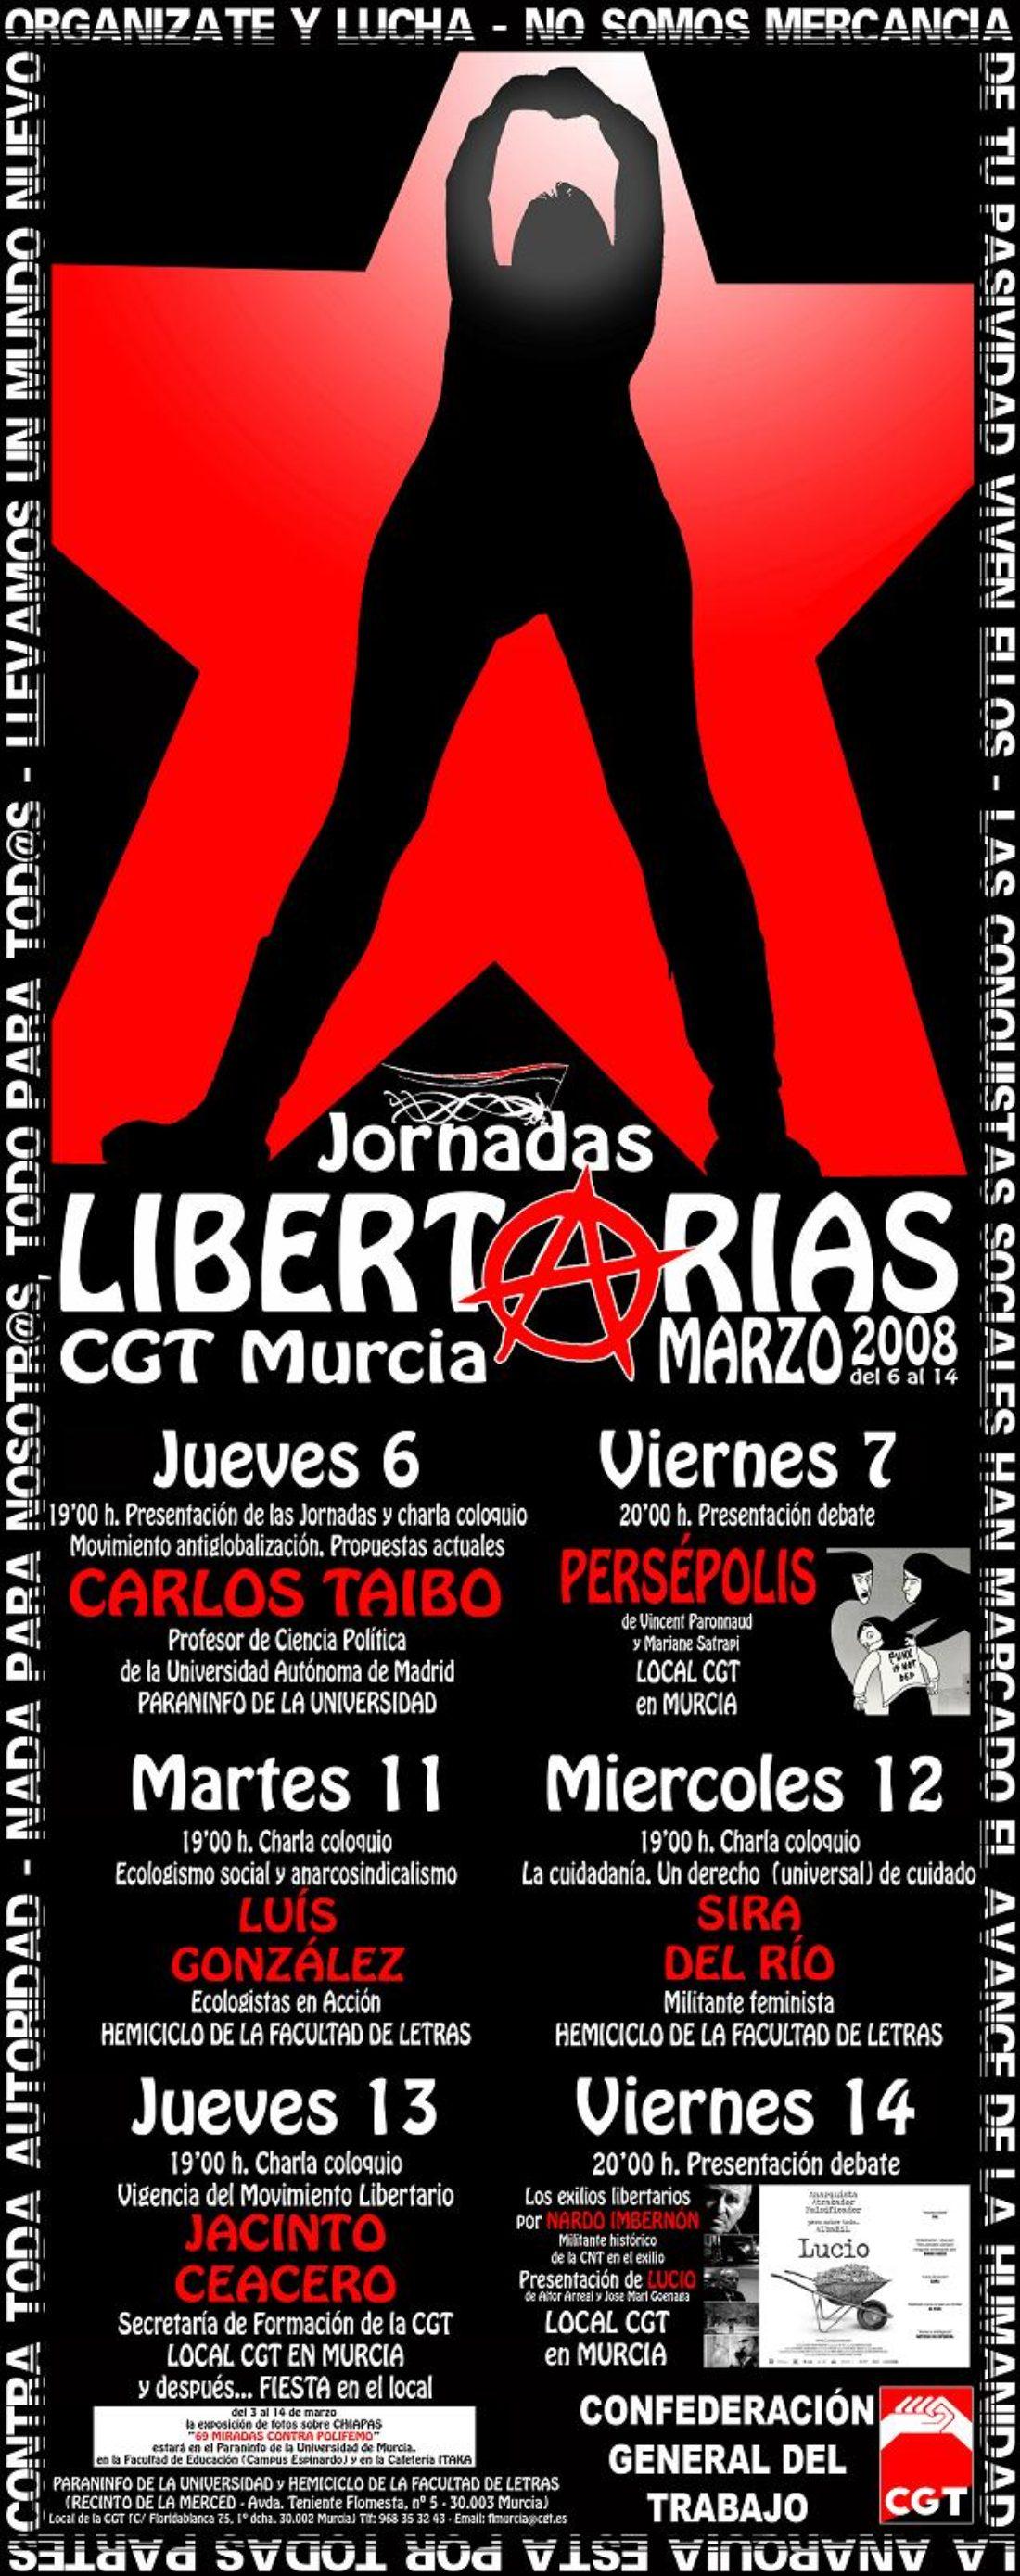 Jornadas Libertarias de CGT Murcia del 6 al 14 de marzo